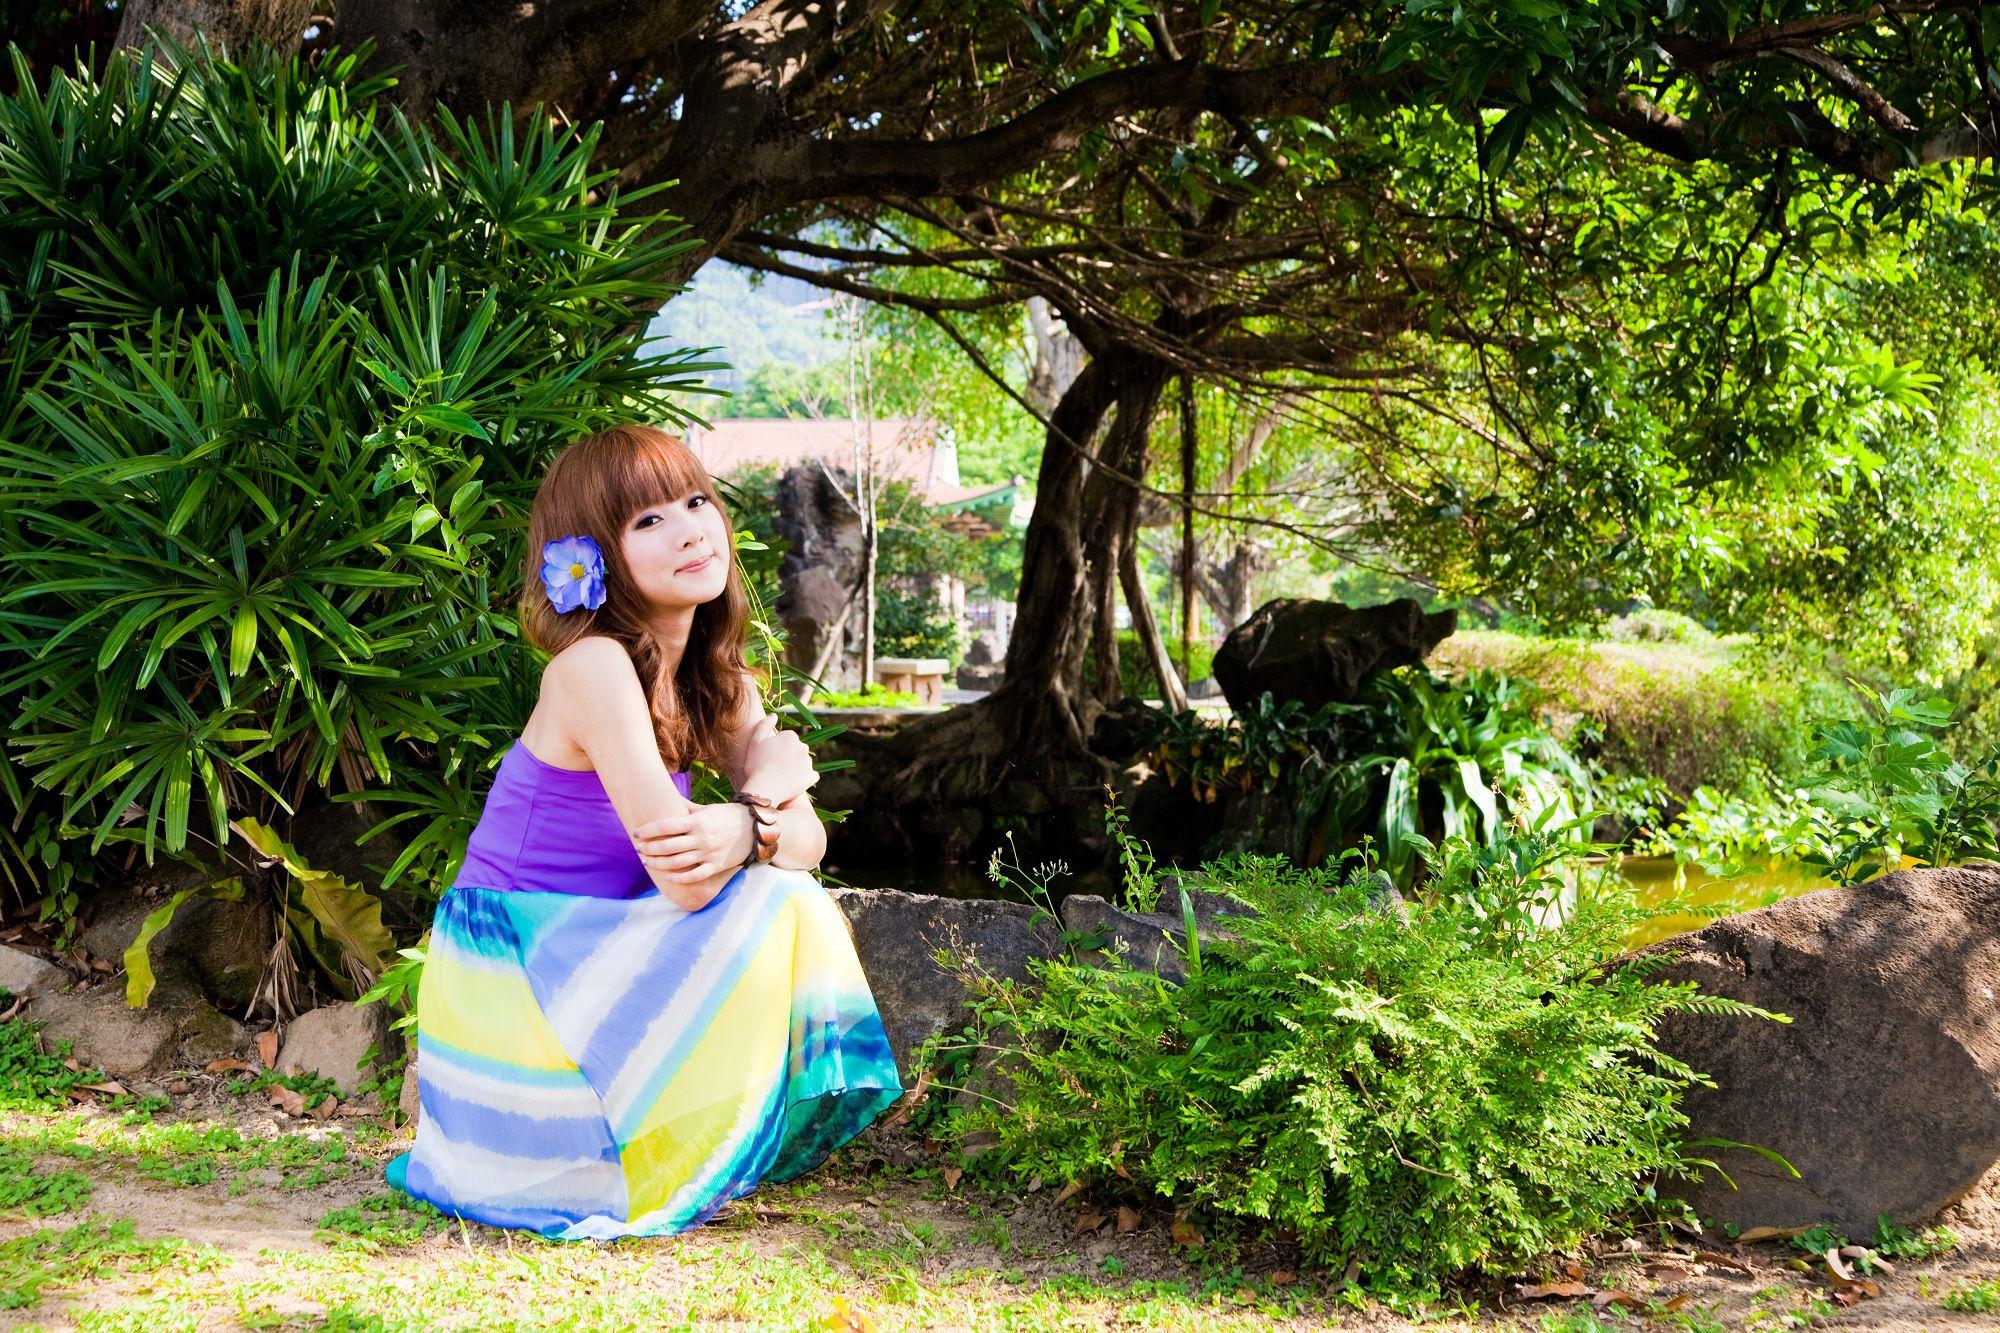 VOL.1108 [台湾正妹]长裙清新唯美阳光正妹:张凯洁(张允霏,果子MM)高品质写真套图(120P)